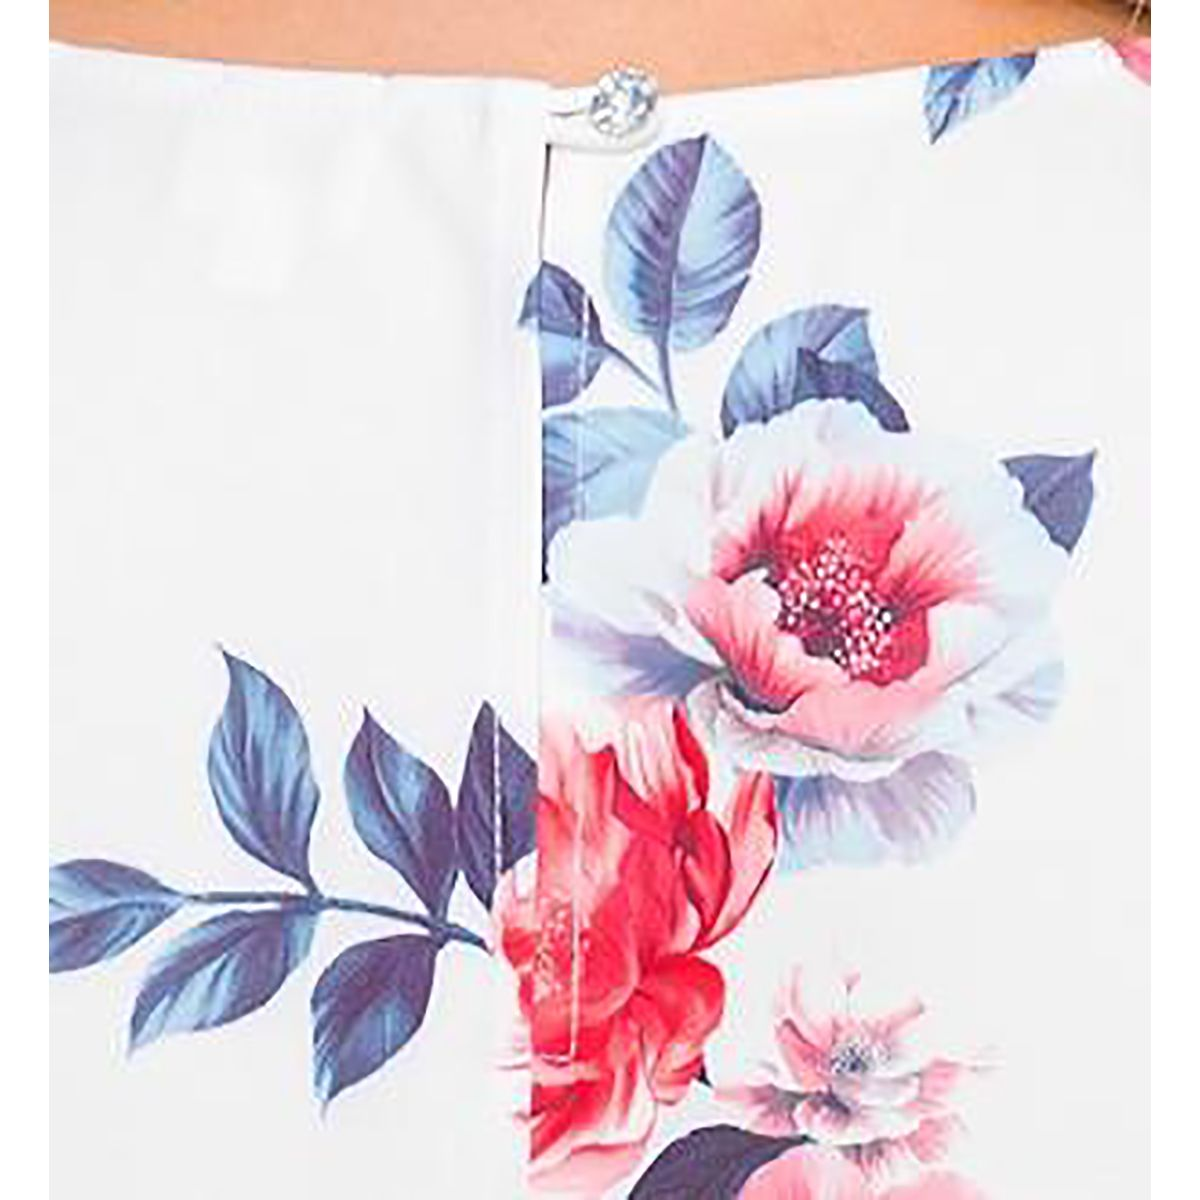 Платье свободное с рукавом реглан, принт цветочный